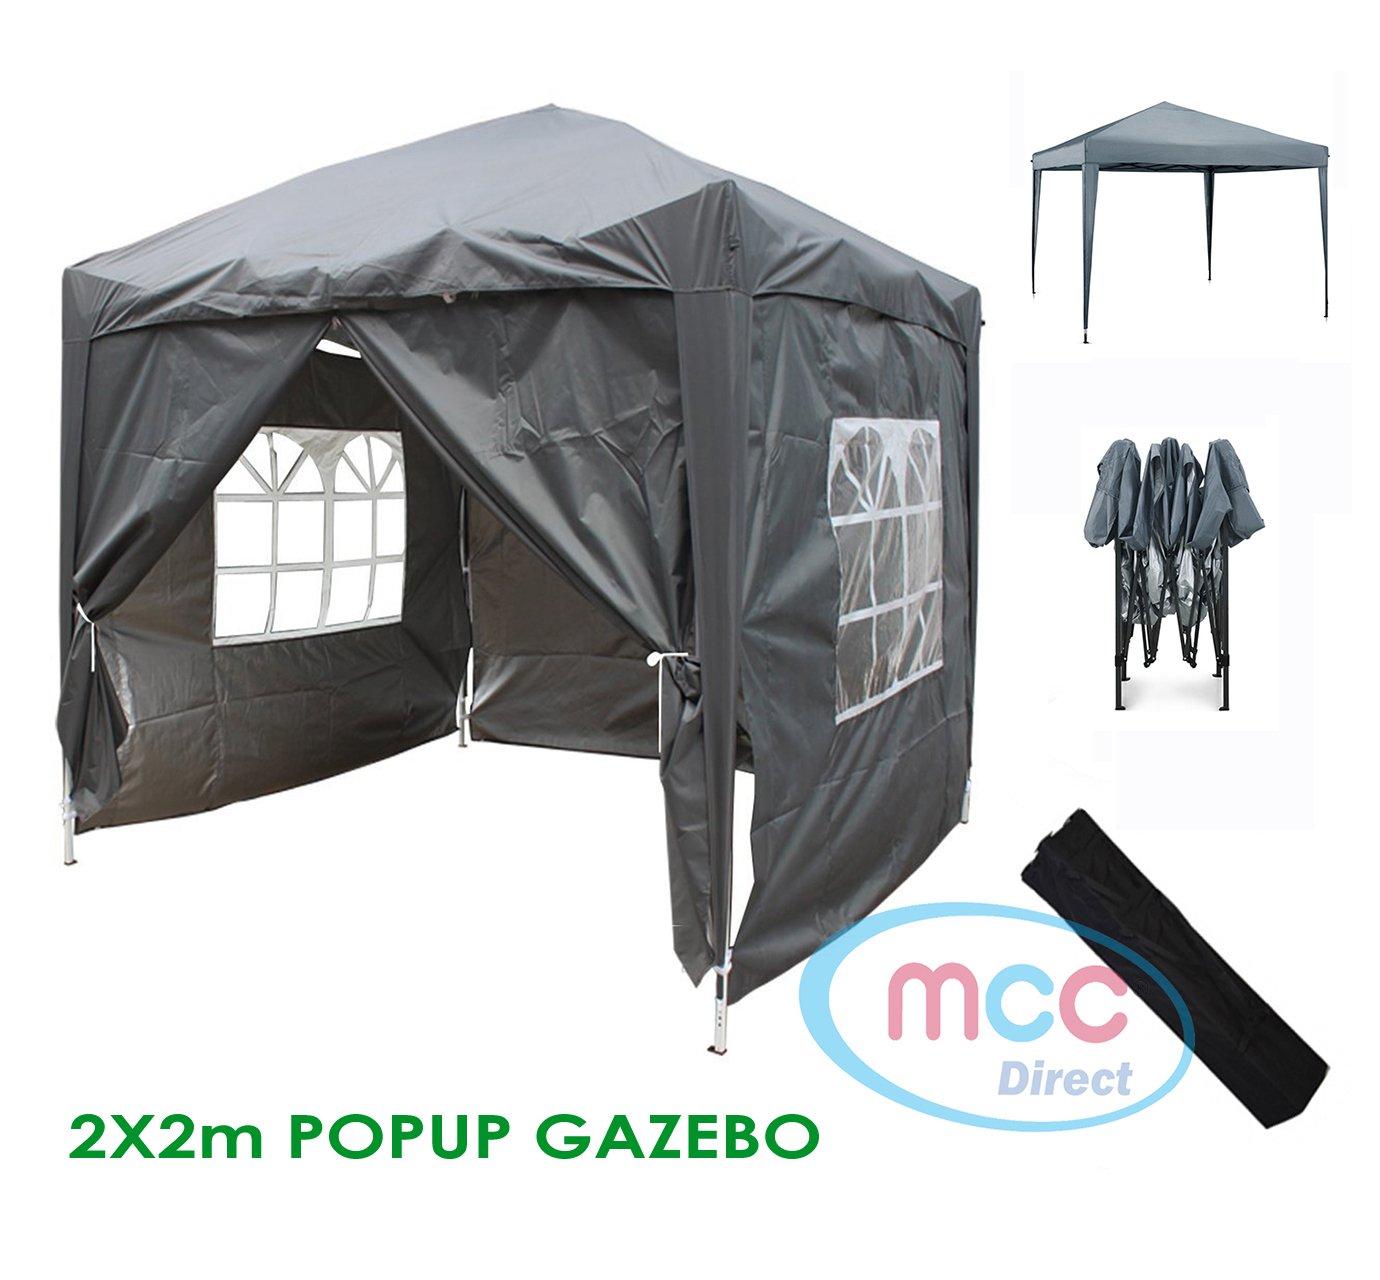 colore: Grigio Gazebo Pop-Up da giardino AirWave incl impermeabile 2 barre anti-vento e 4 zavorre 2,5 x 2,5 m